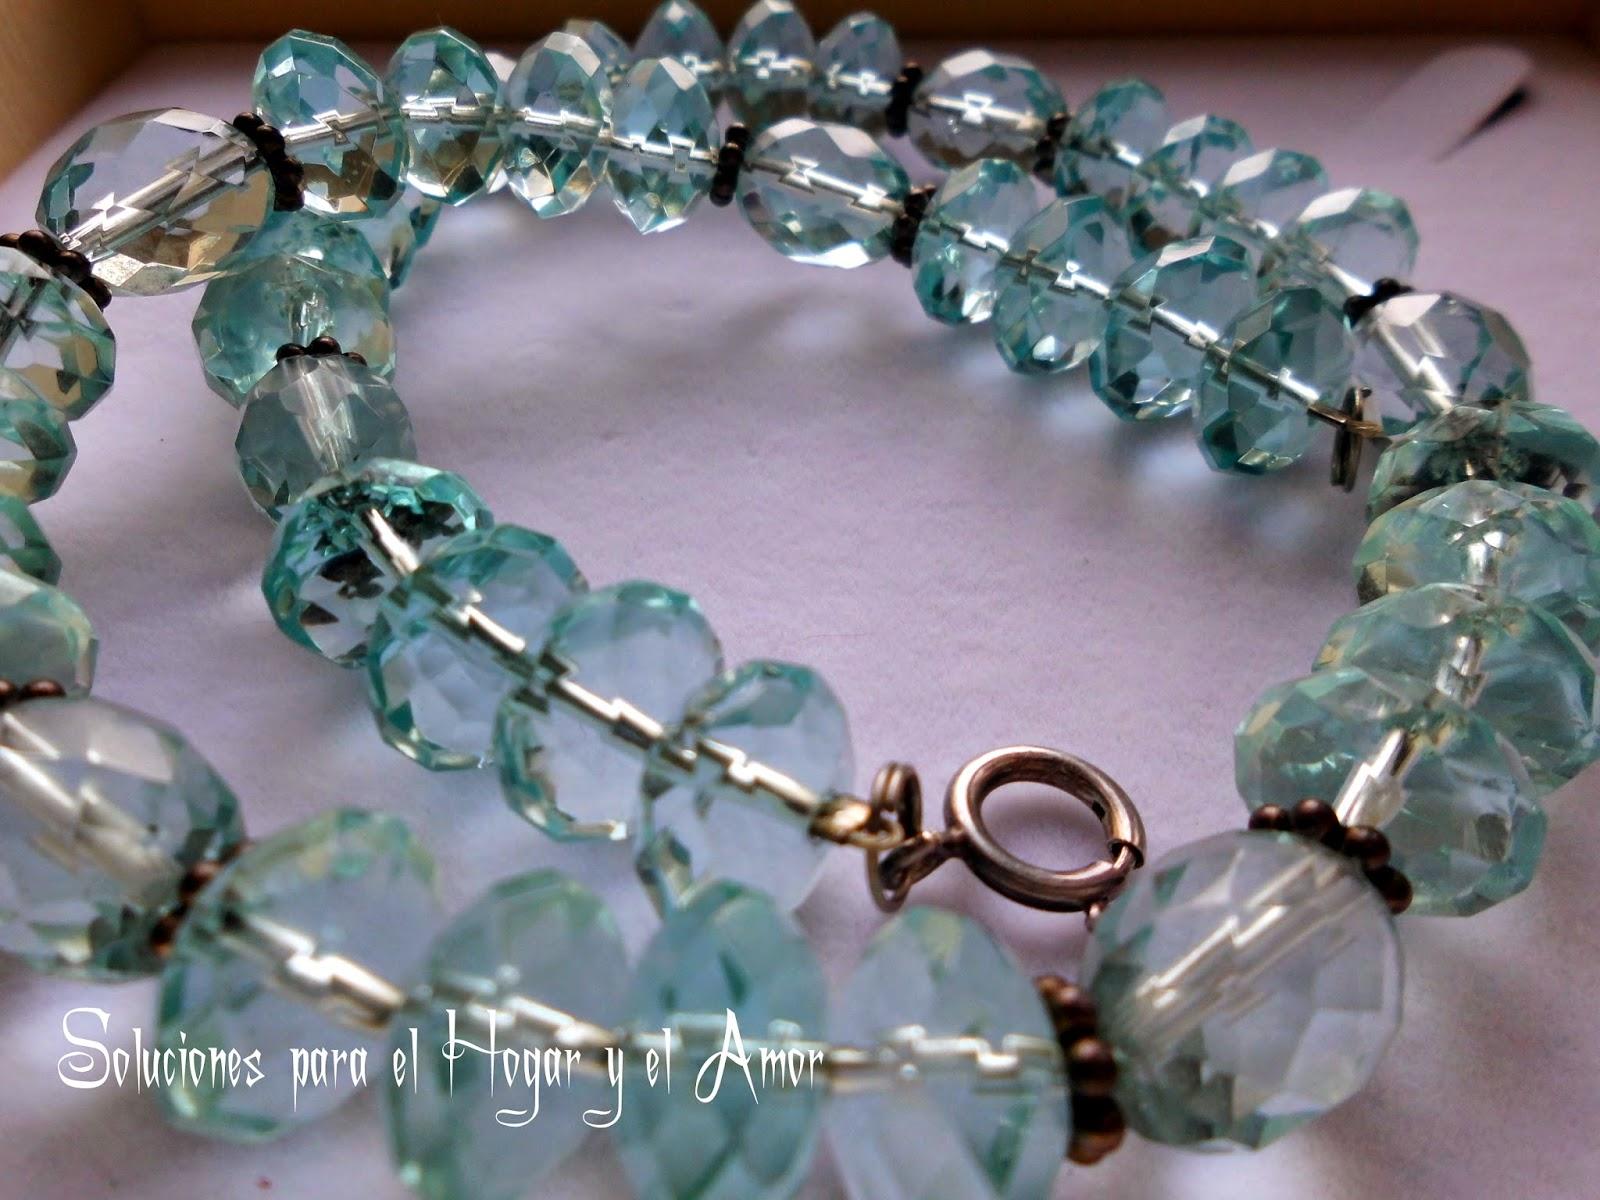 Cristales de Cuarzo azul celeste piedras facetadas, que significa el cuarzo azul celeste?